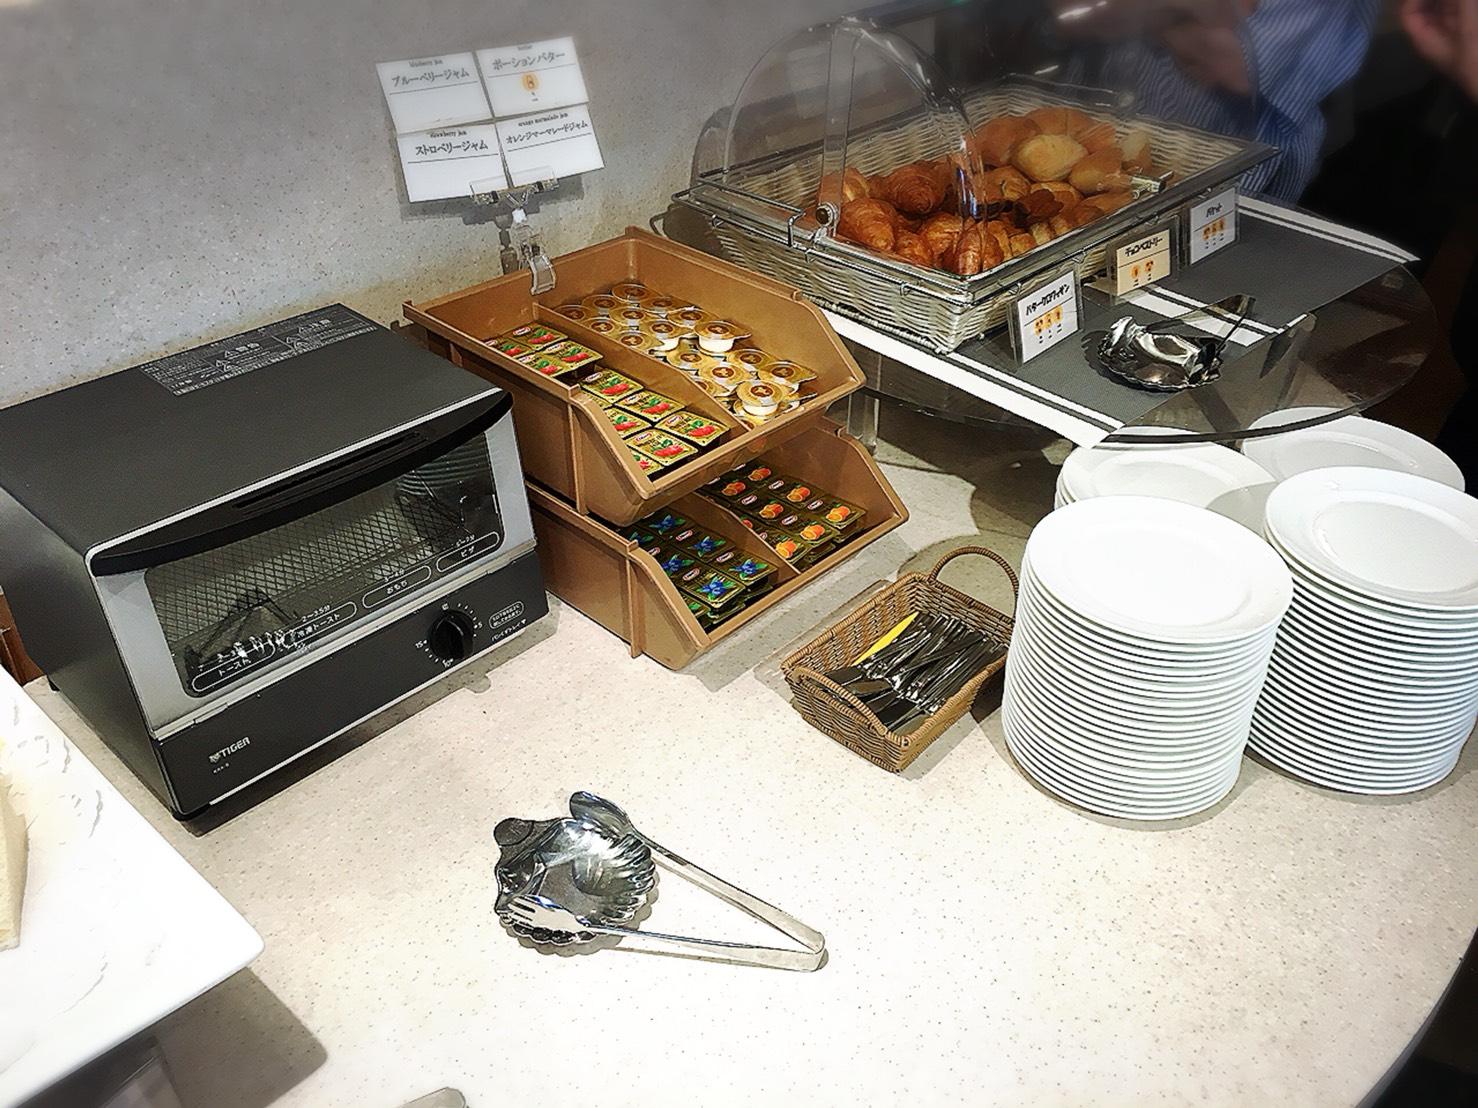 【池袋駅】安くて美味しい超人気ビュッフェ!池袋最強コスパ!?第一イン池袋レストラン「ピノ」のランチビュッフェ7